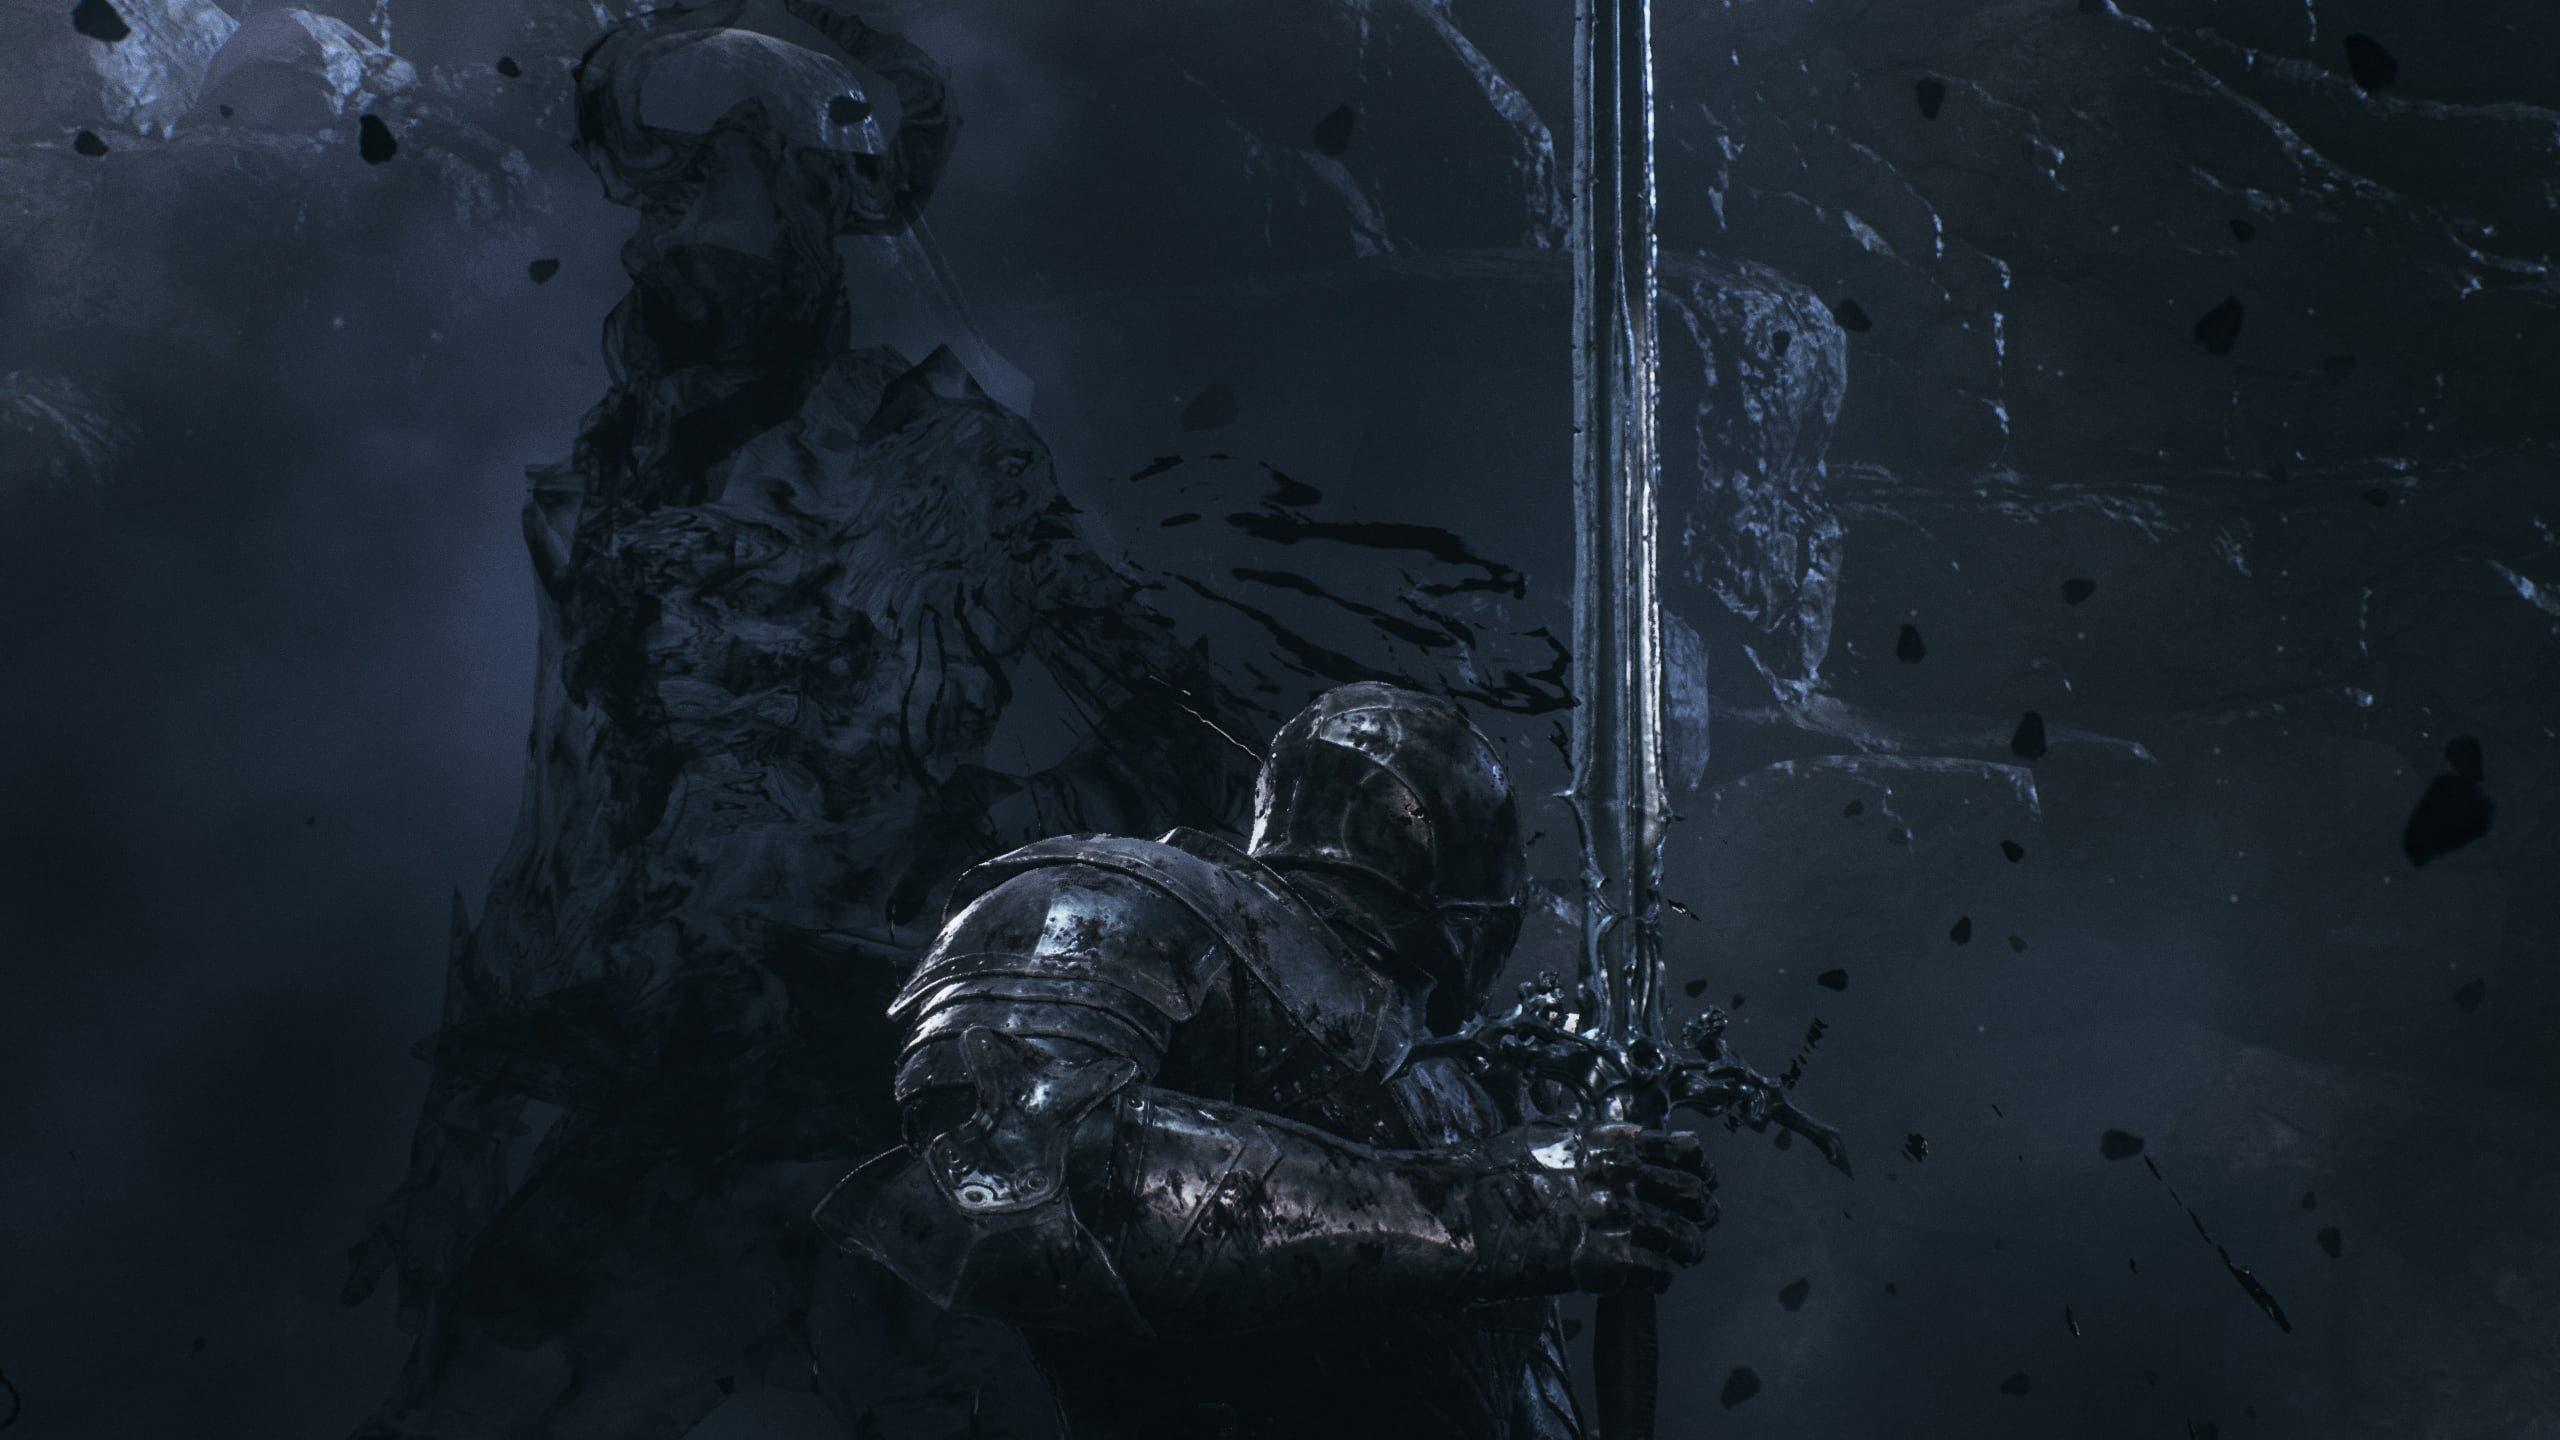 Así es Mortal Shell, un nuevo RPG de acción y terror inspirado en Dark Souls 3